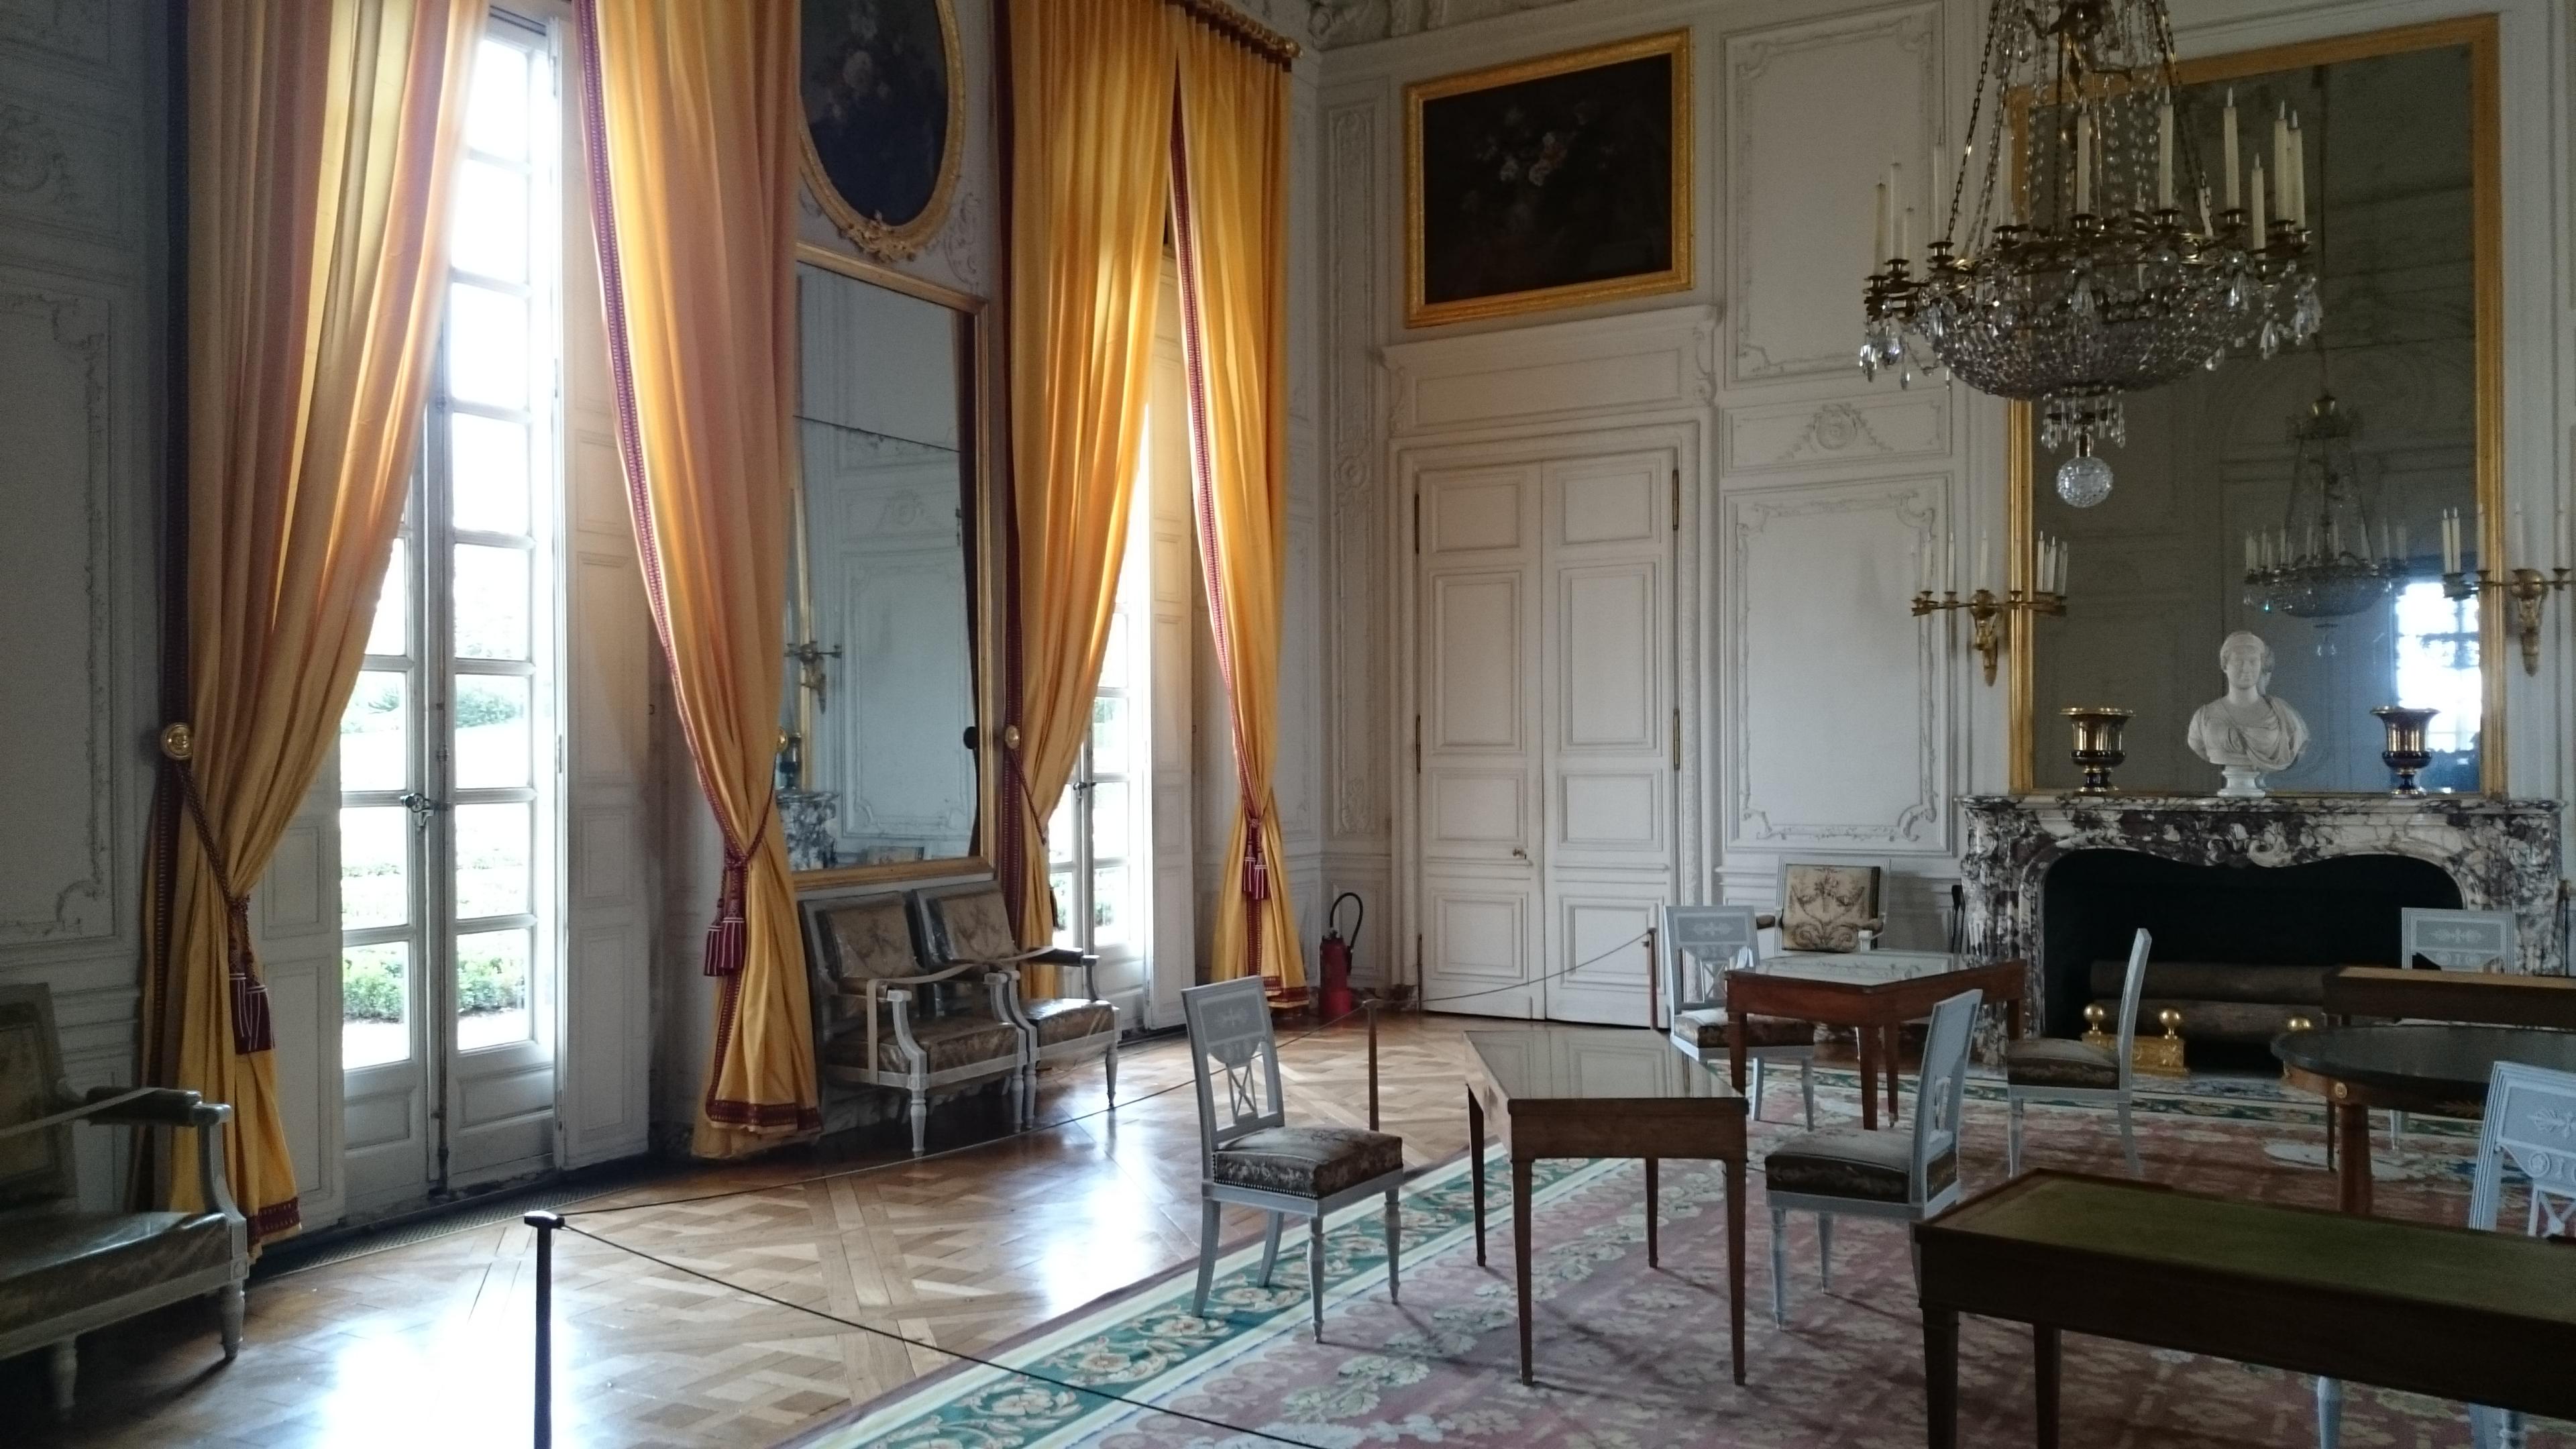 dsc 1213 - Visita al Palacio de Versalles: Como ir, cuanto cuesta y tips II/III